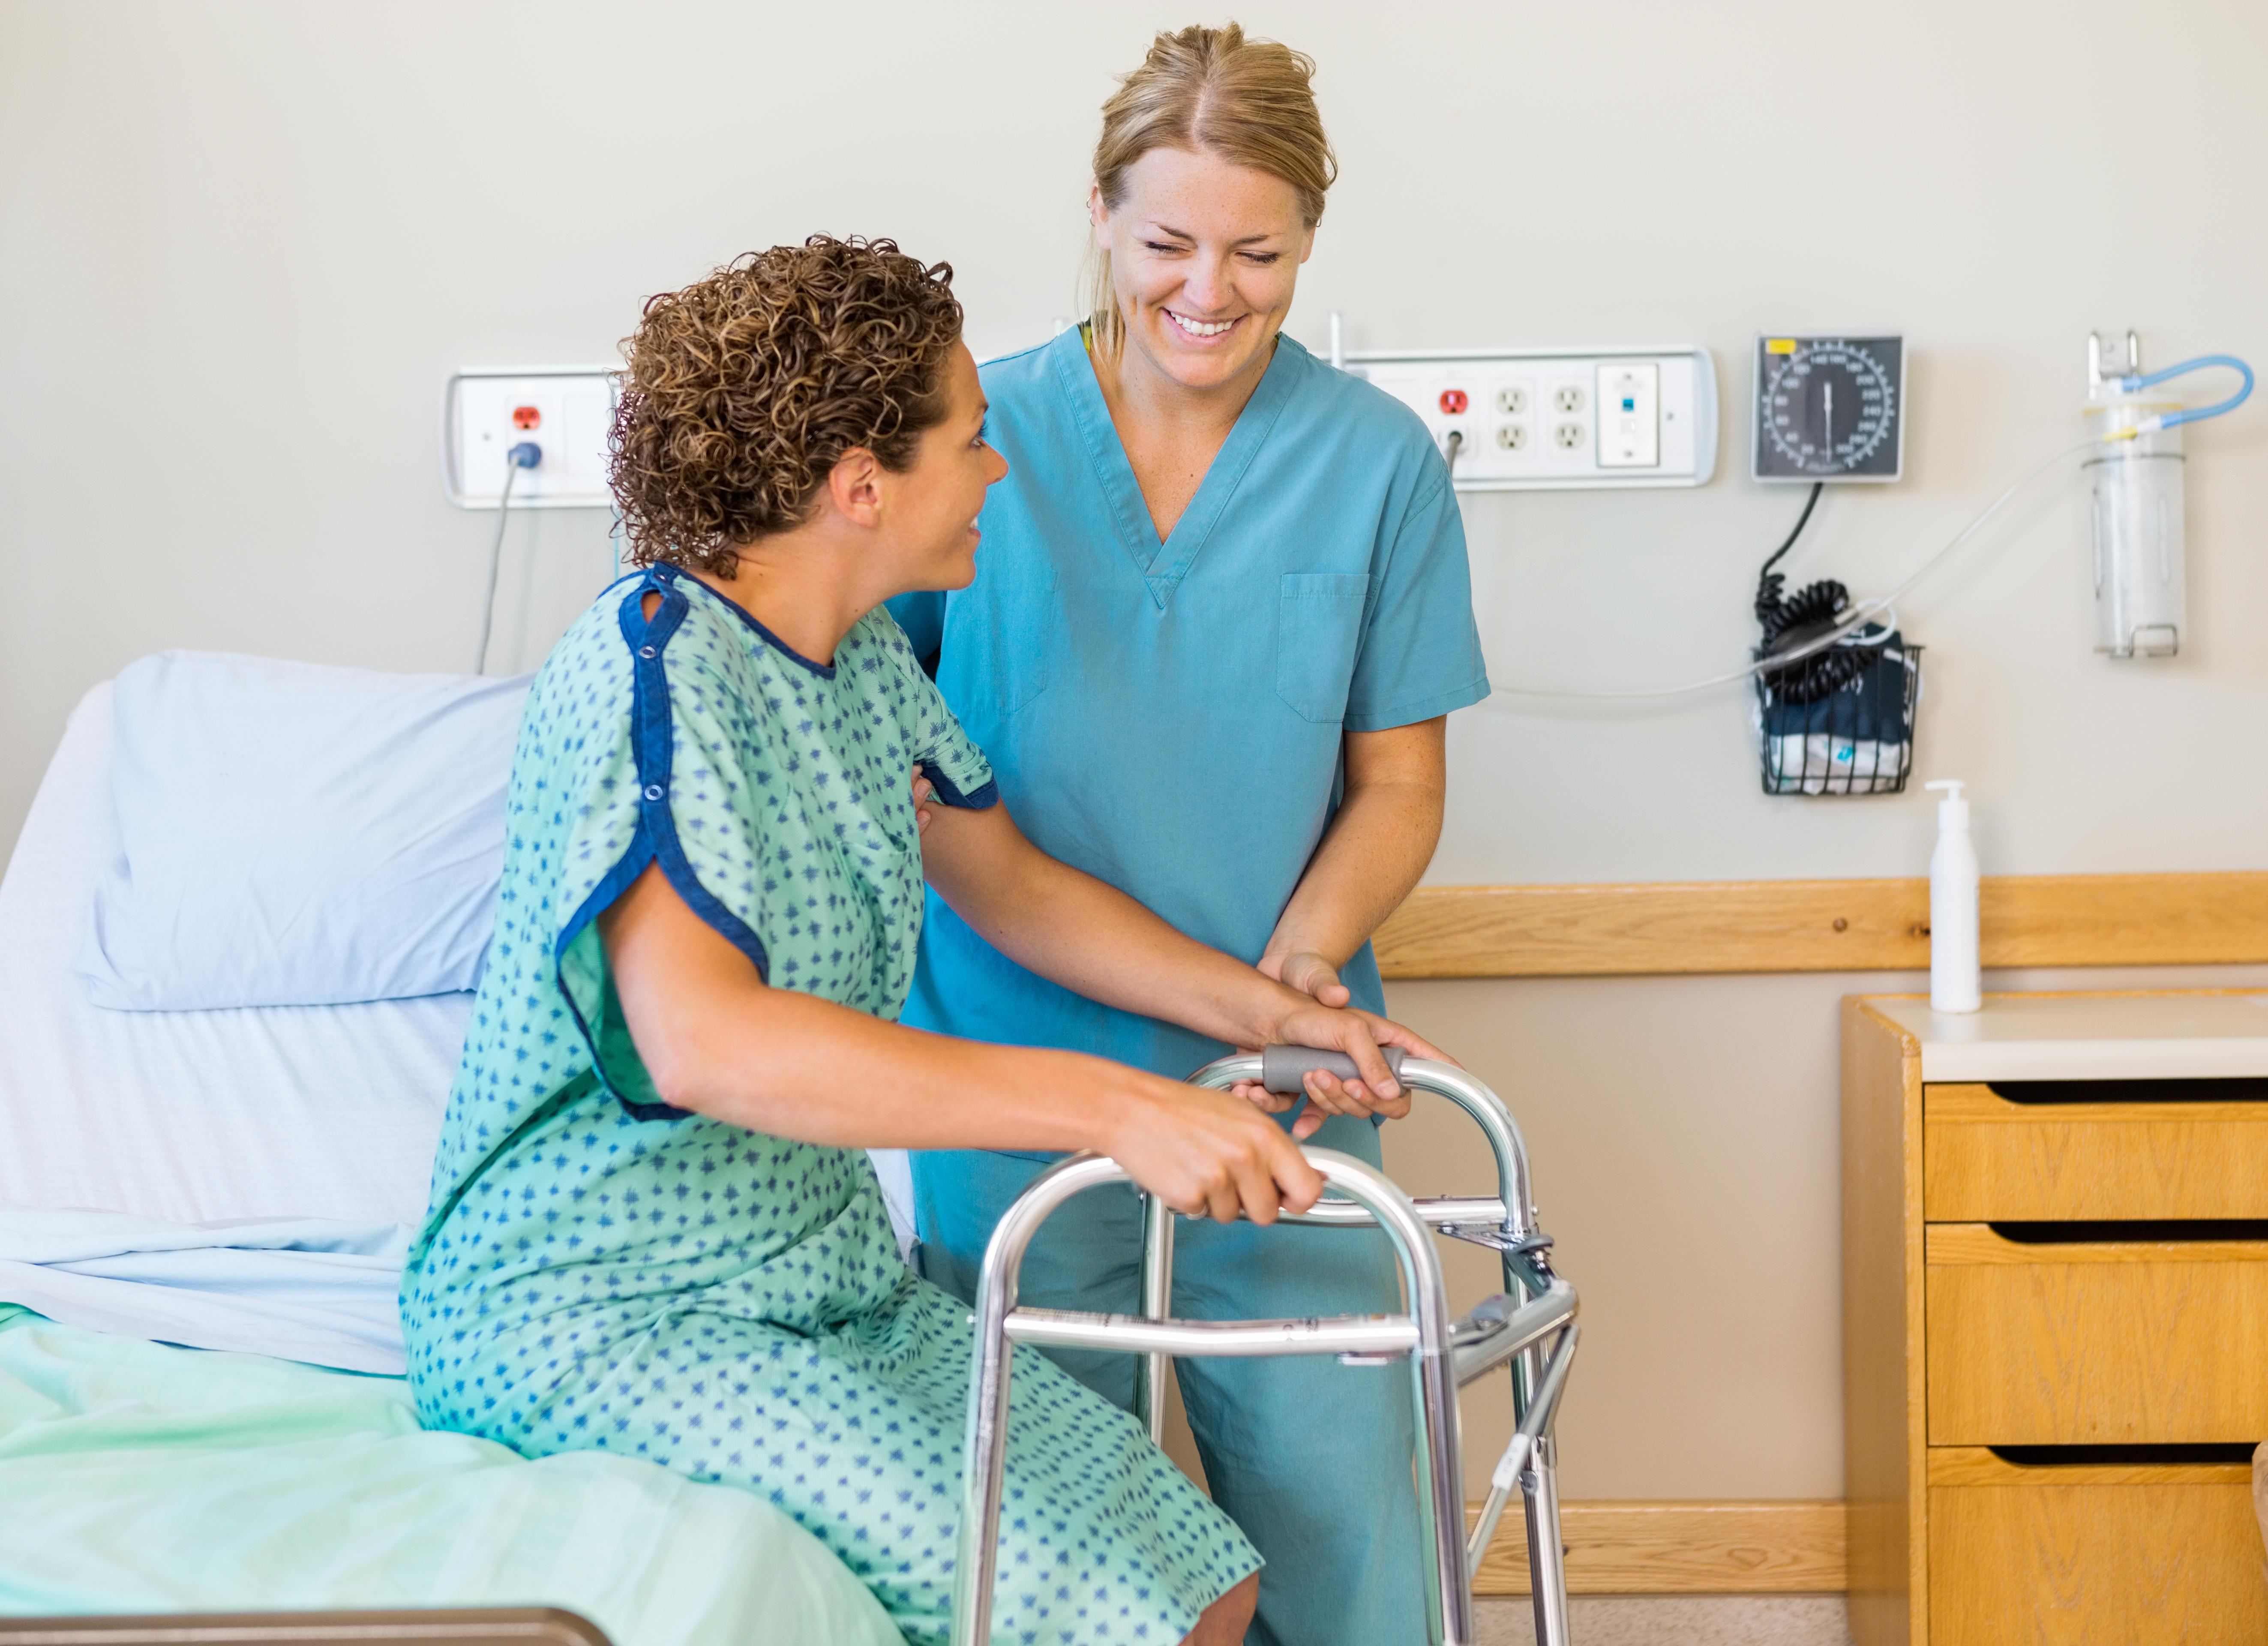 Att operera bort livmodern är den vanligaste större gynekologiska operationen.